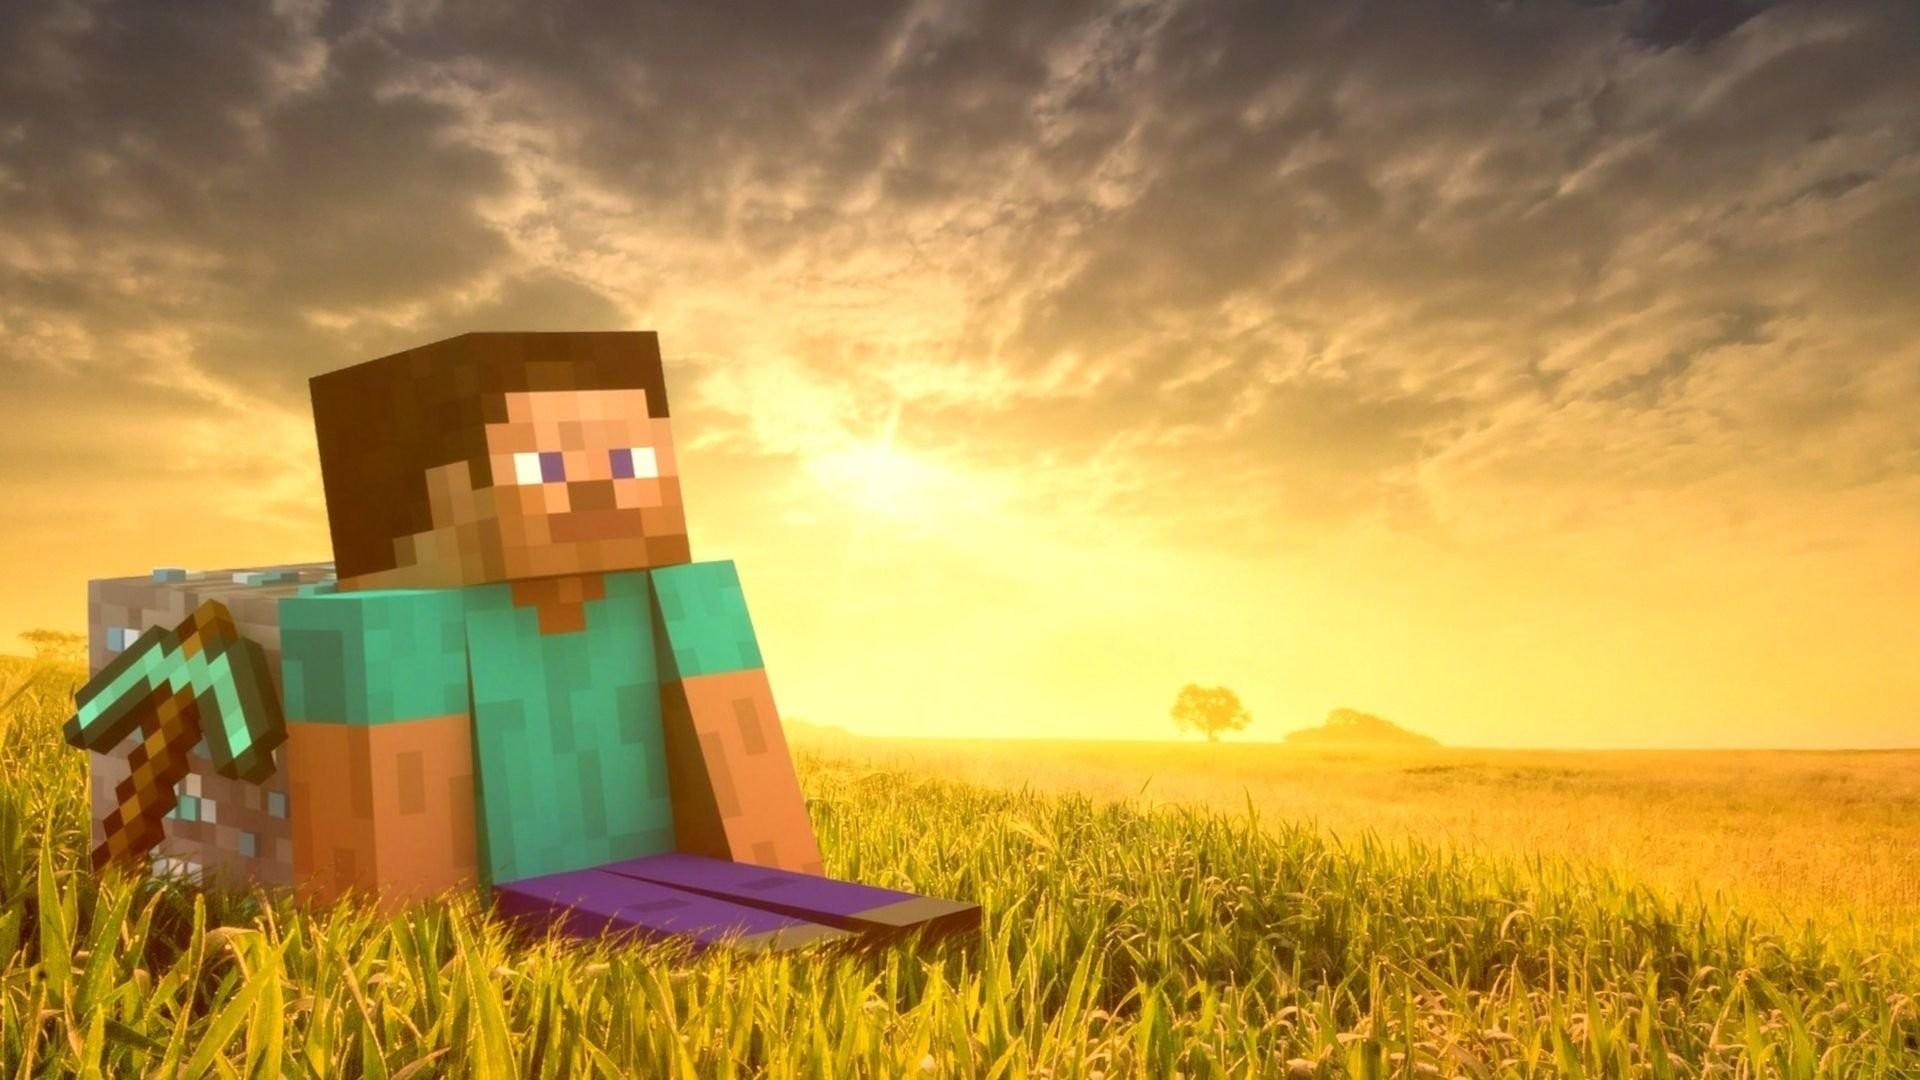 Hình nền Minecraft chiến binh ngồi trên đồng cỏ vàng